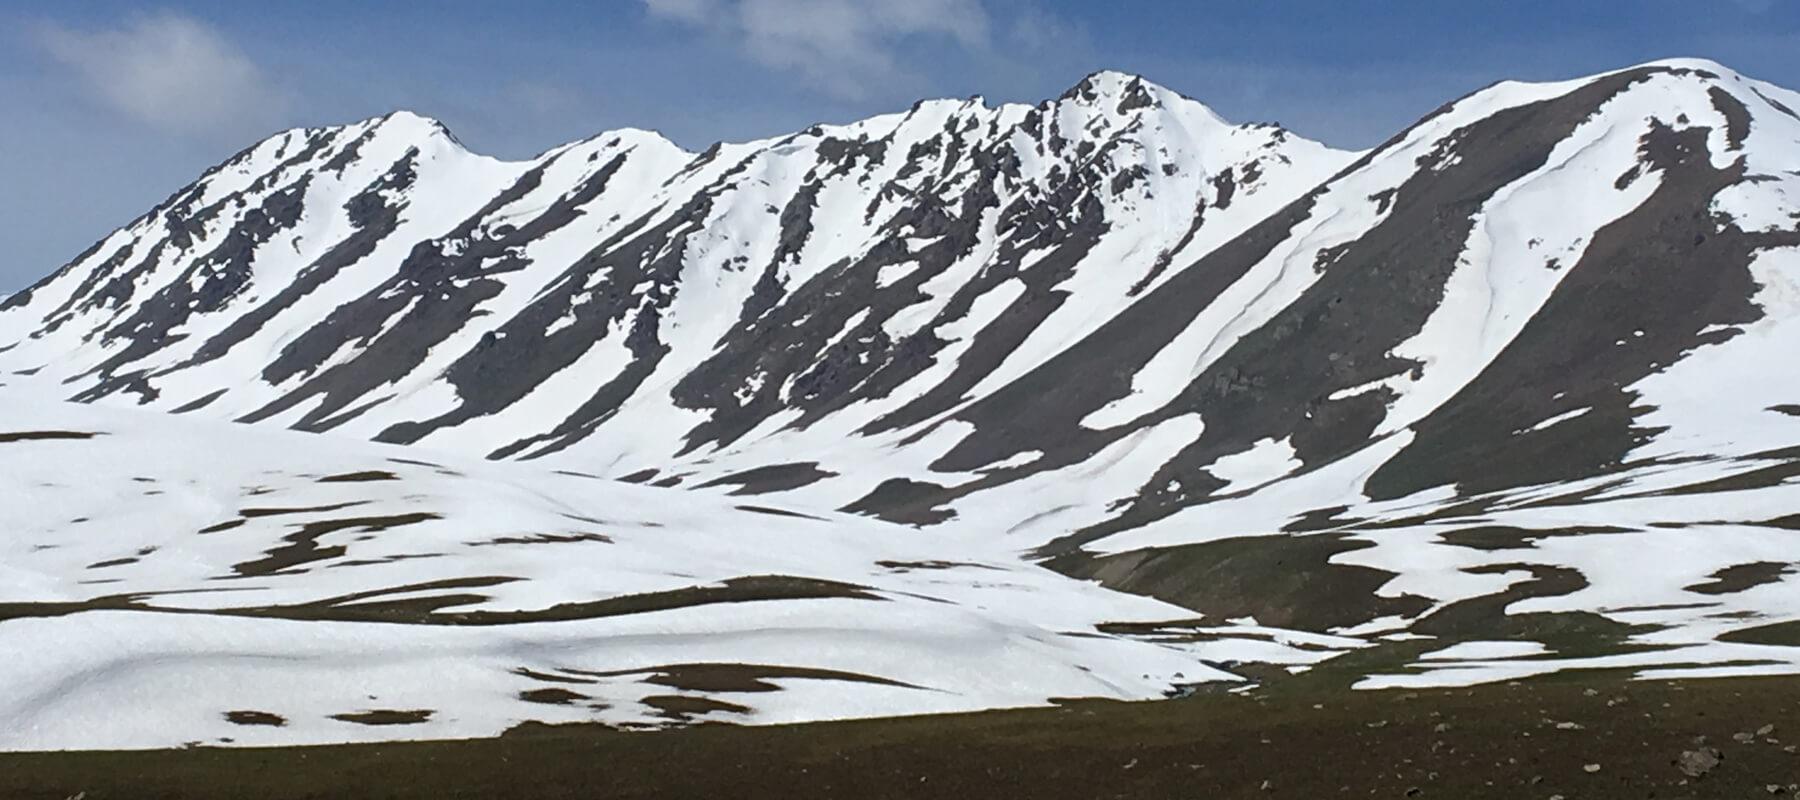 Kirgistan ist im Vergleich zu anderen Ländern sehr dünn besiedelt.